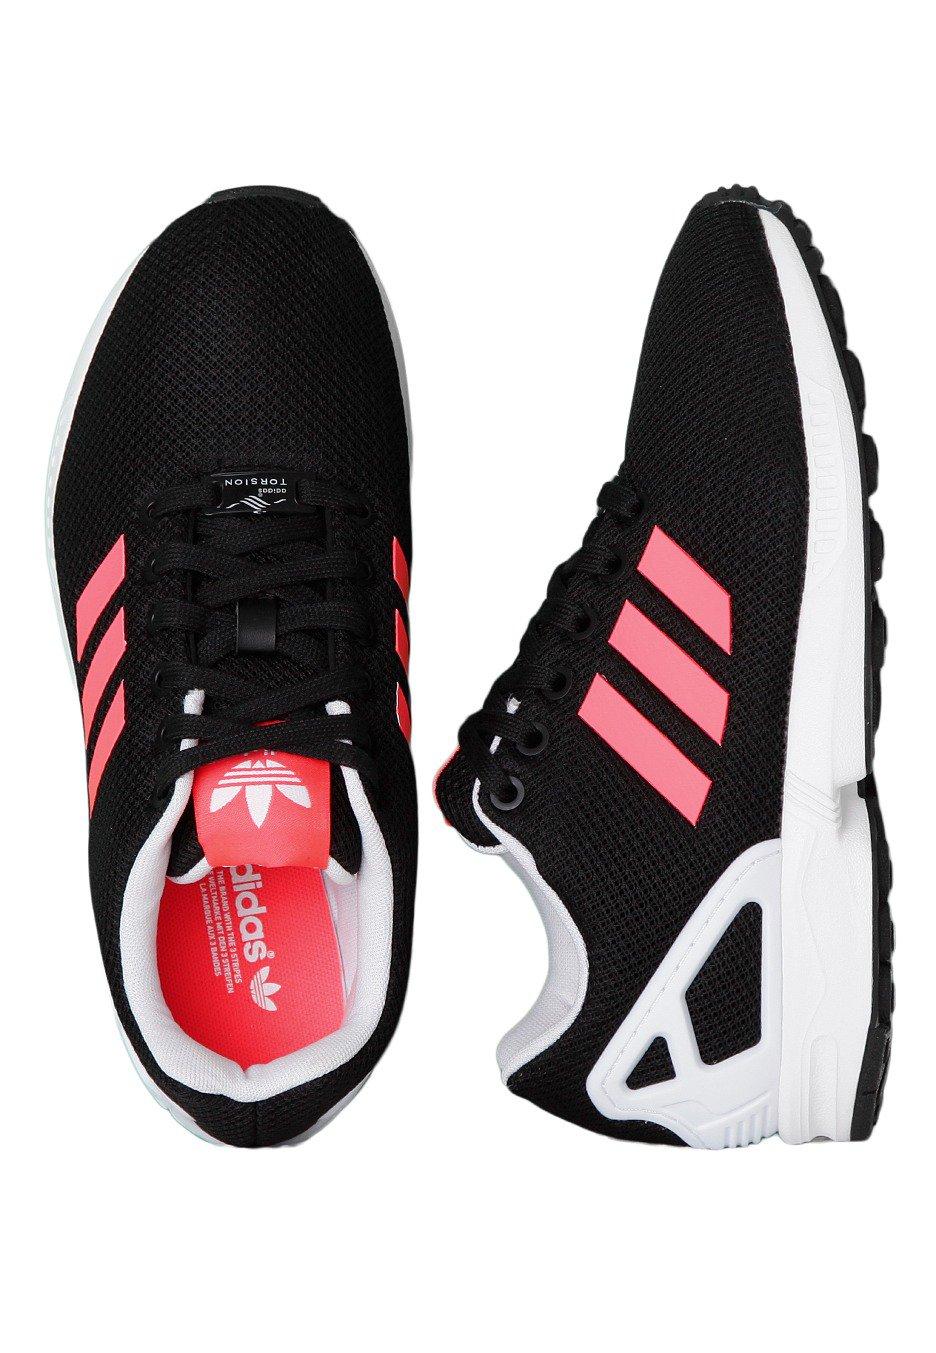 separation shoes 95b11 db0e3 adidas zx fille bon marché à vendre et économisez jusquà 75%.-  septiemepeche.fr